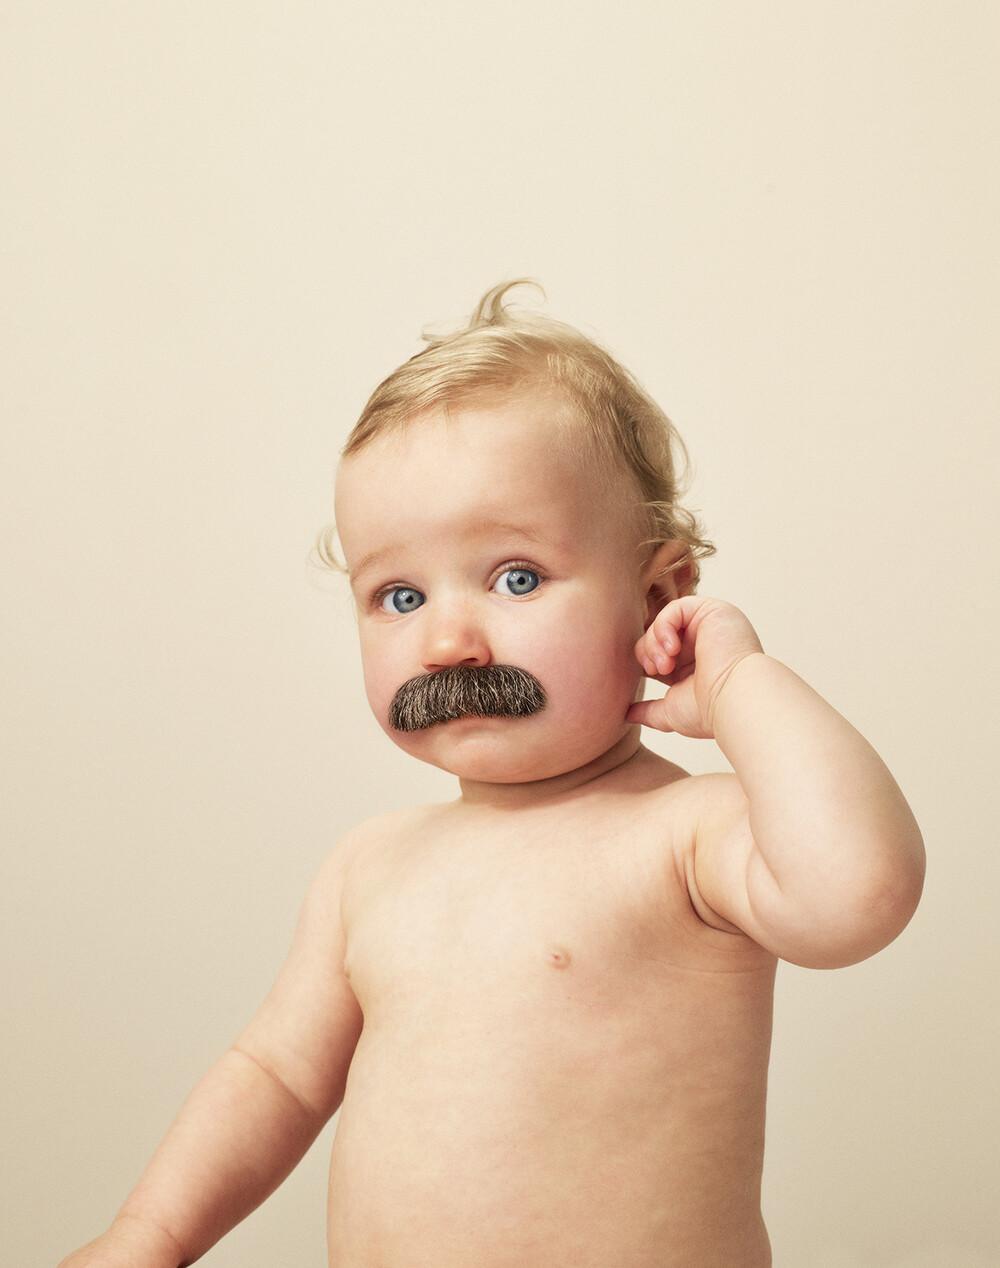 Alexander crispin Folksam Babymustach 3